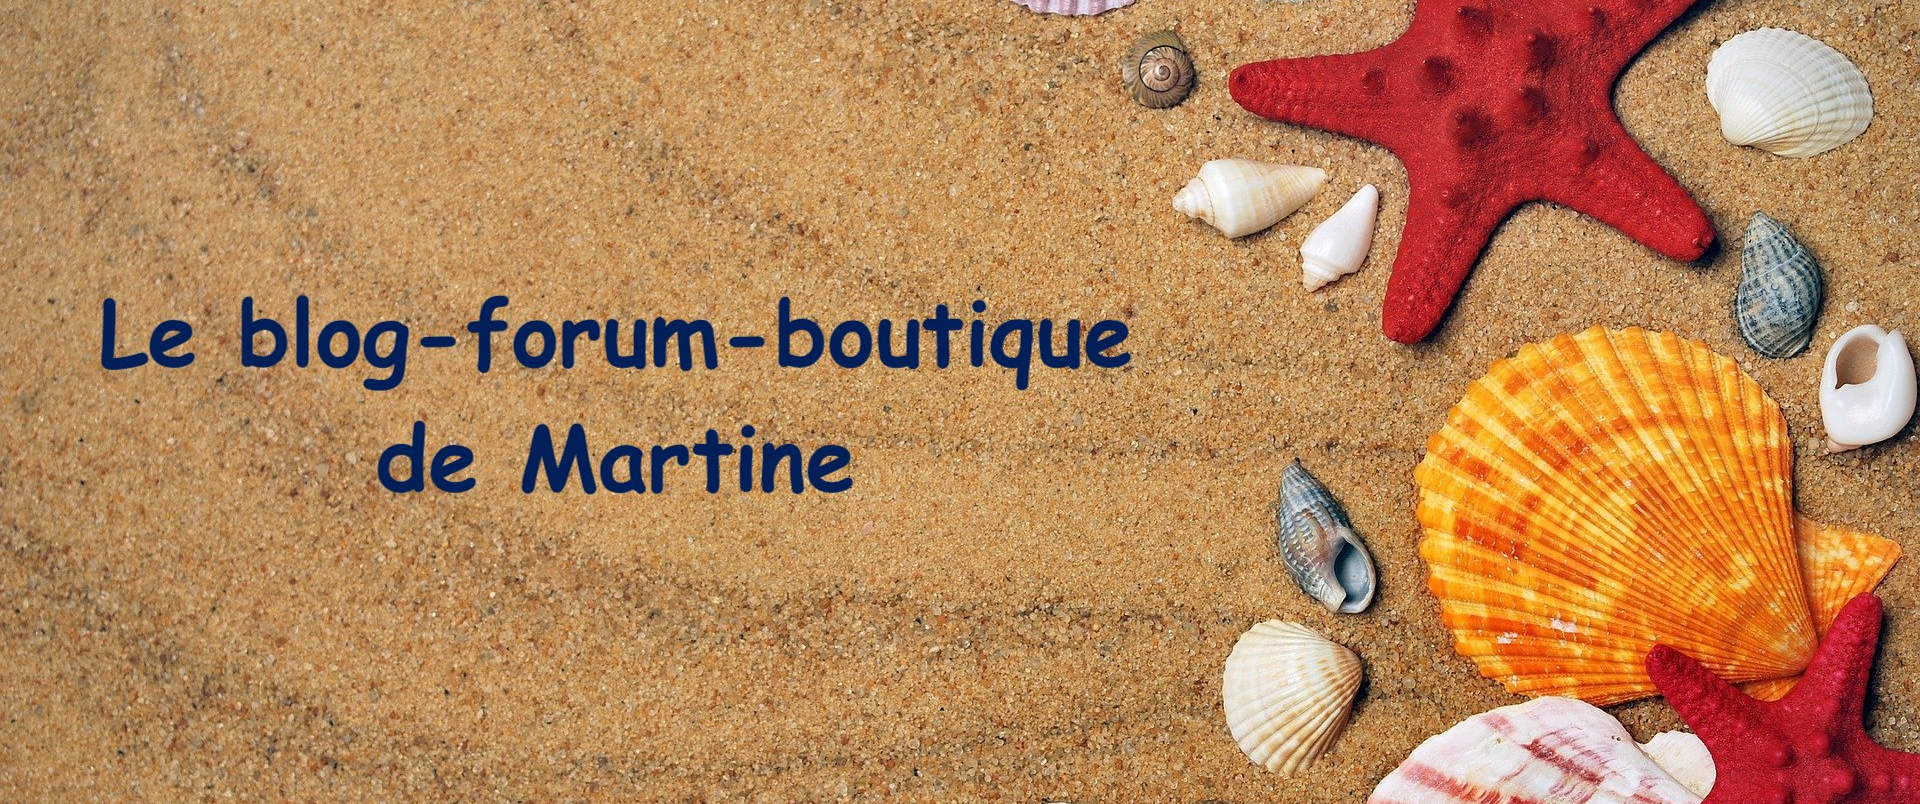 Le blog-forum-boutique de Martine